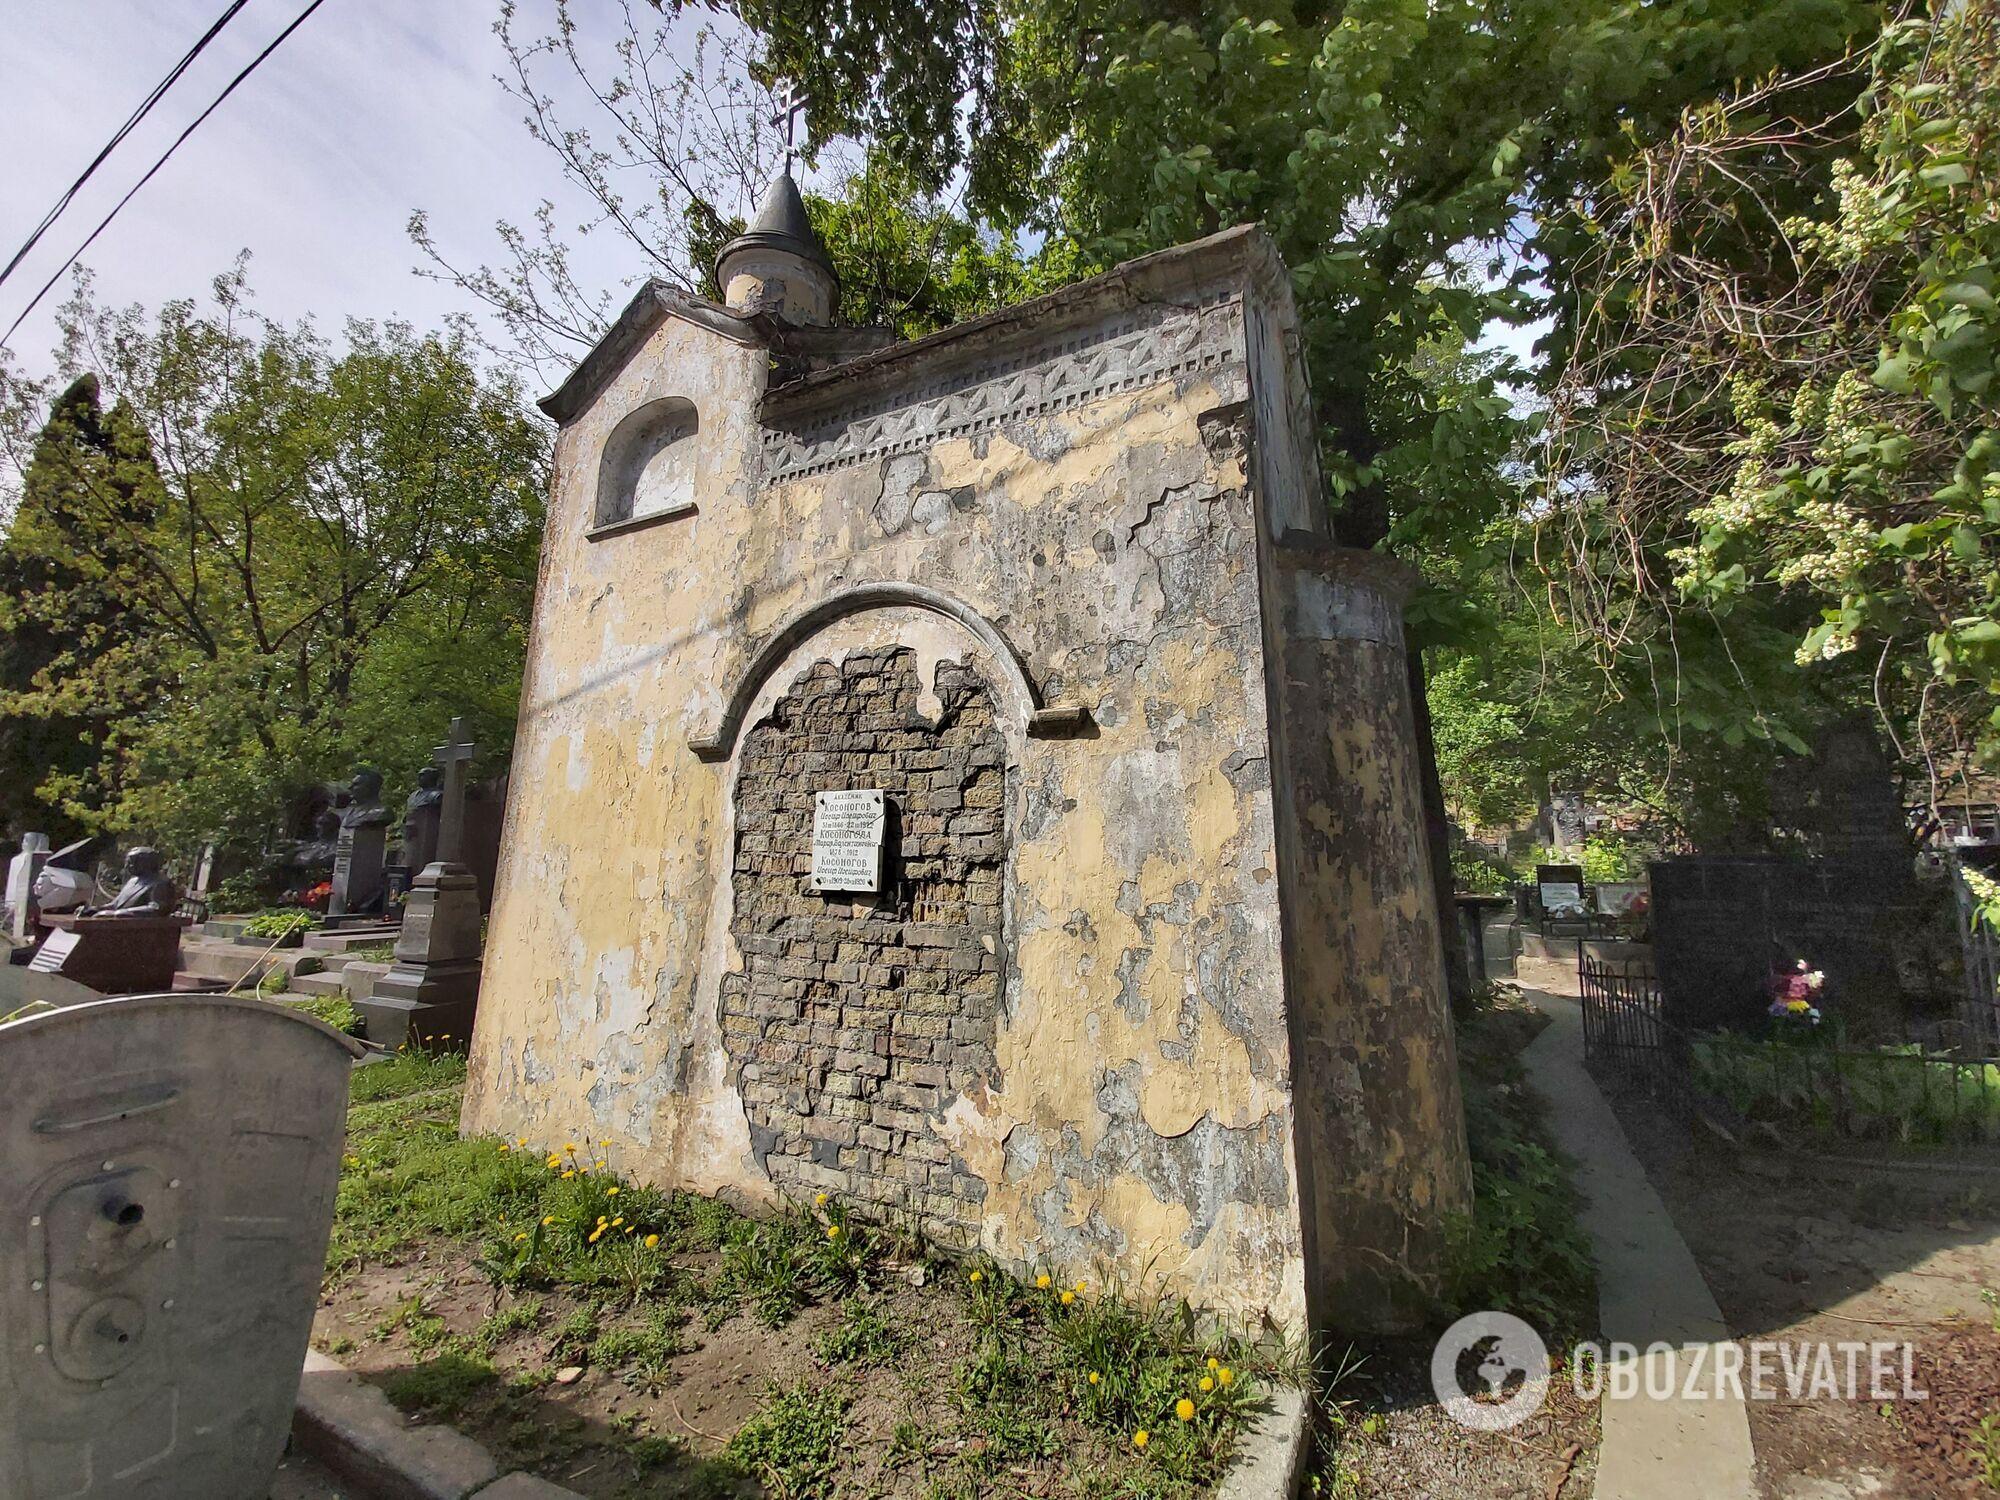 Склеп одного из основателей НАН Украины заложили кирпичом, а мраморная табличка треснула.